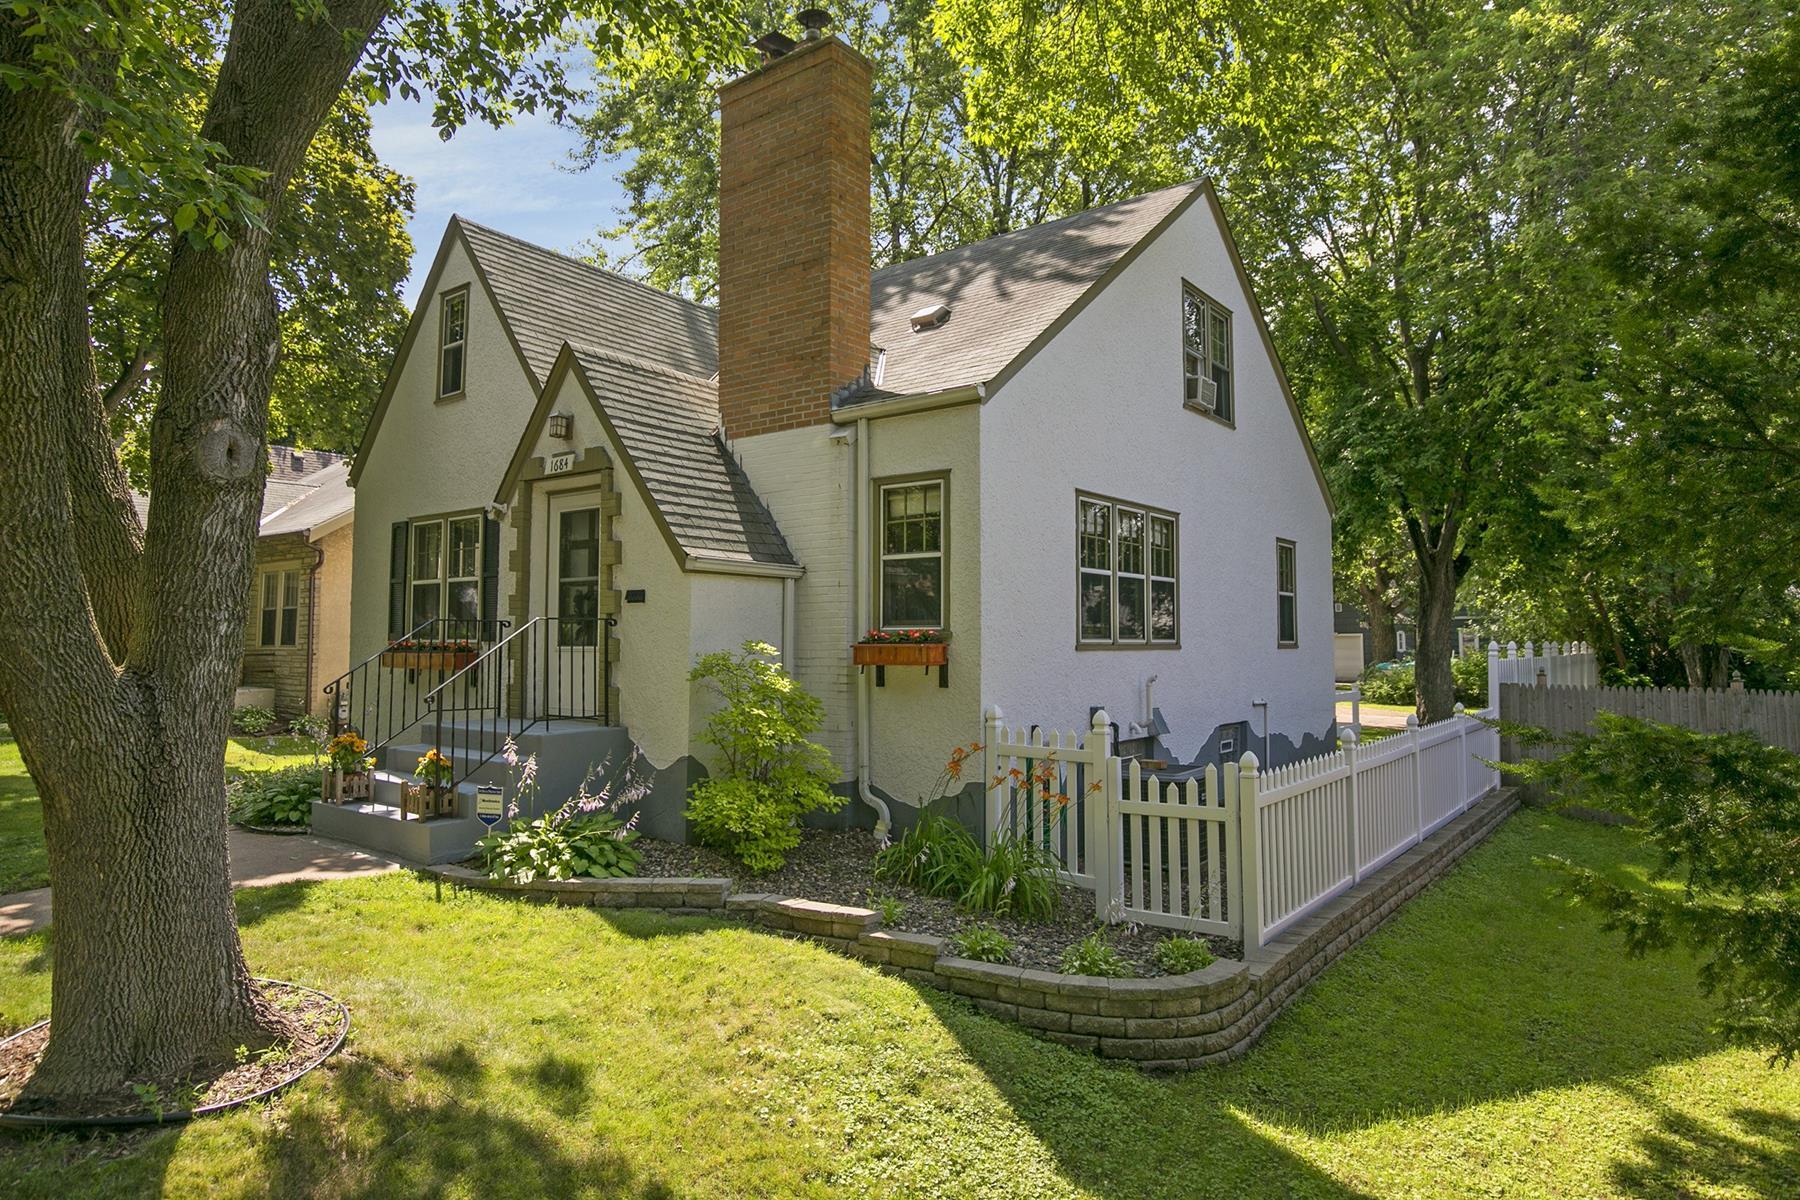 Maison unifamiliale pour l Vente à 1684 Maryland Avenue E Greater East Side, St. Paul, Minnesota 55106 États-Unis